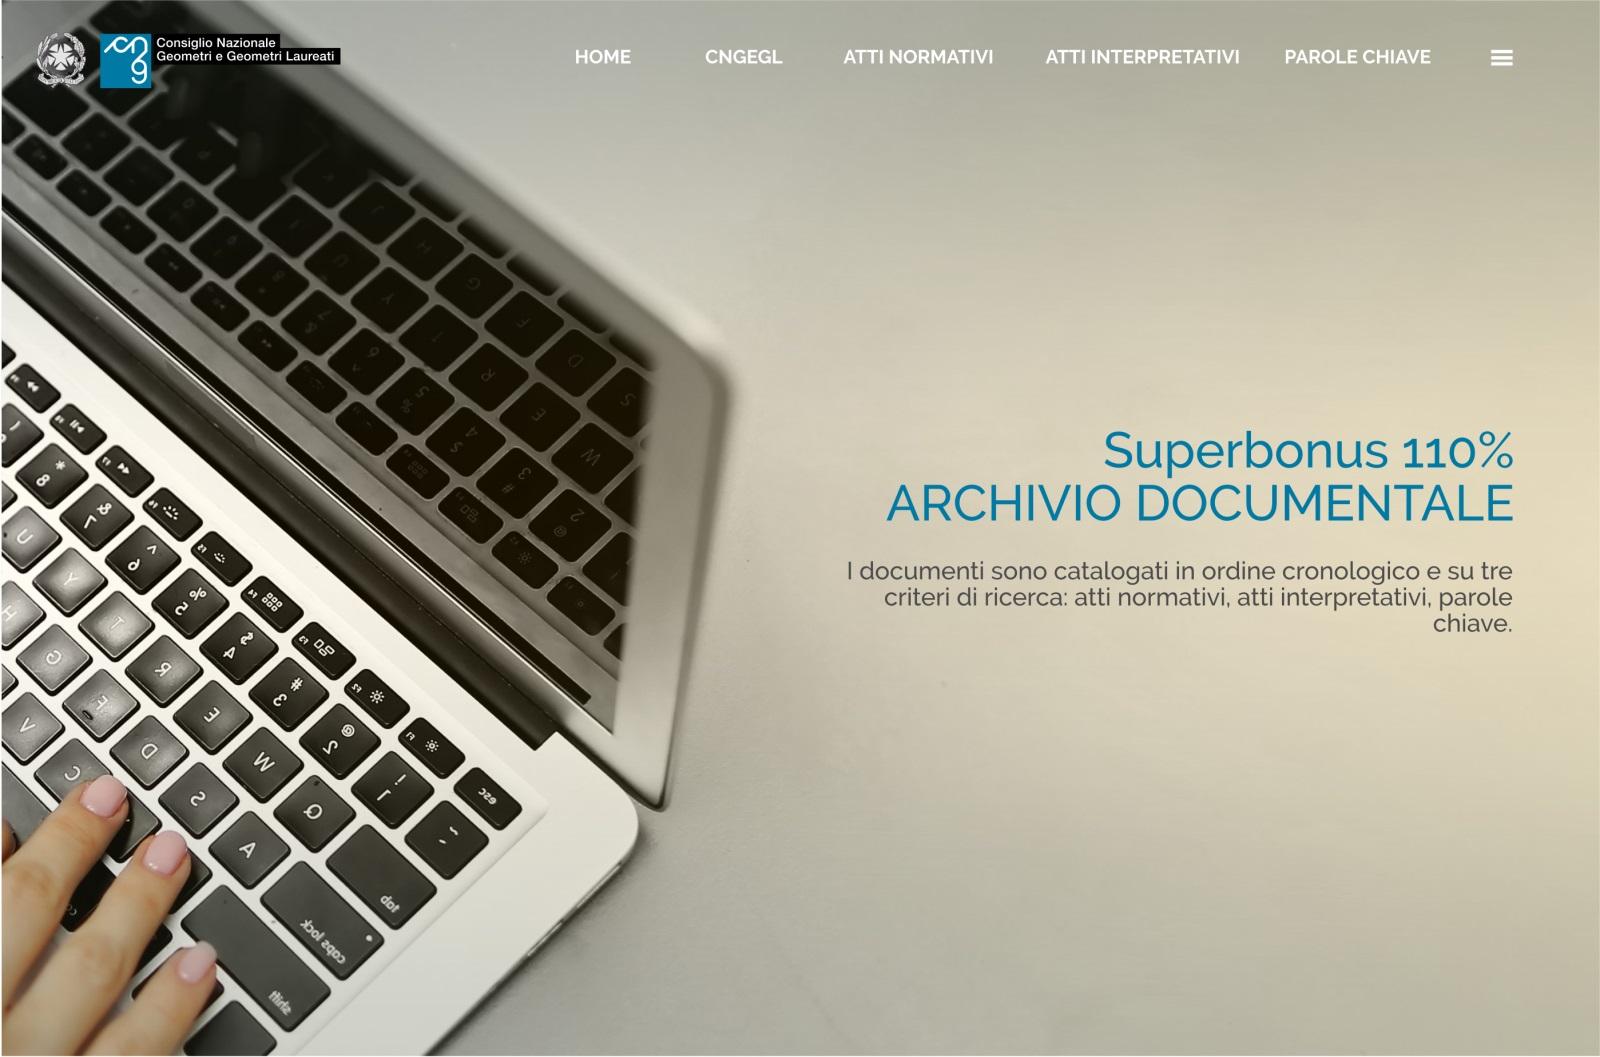 Un super sito per il Superbonus 110%